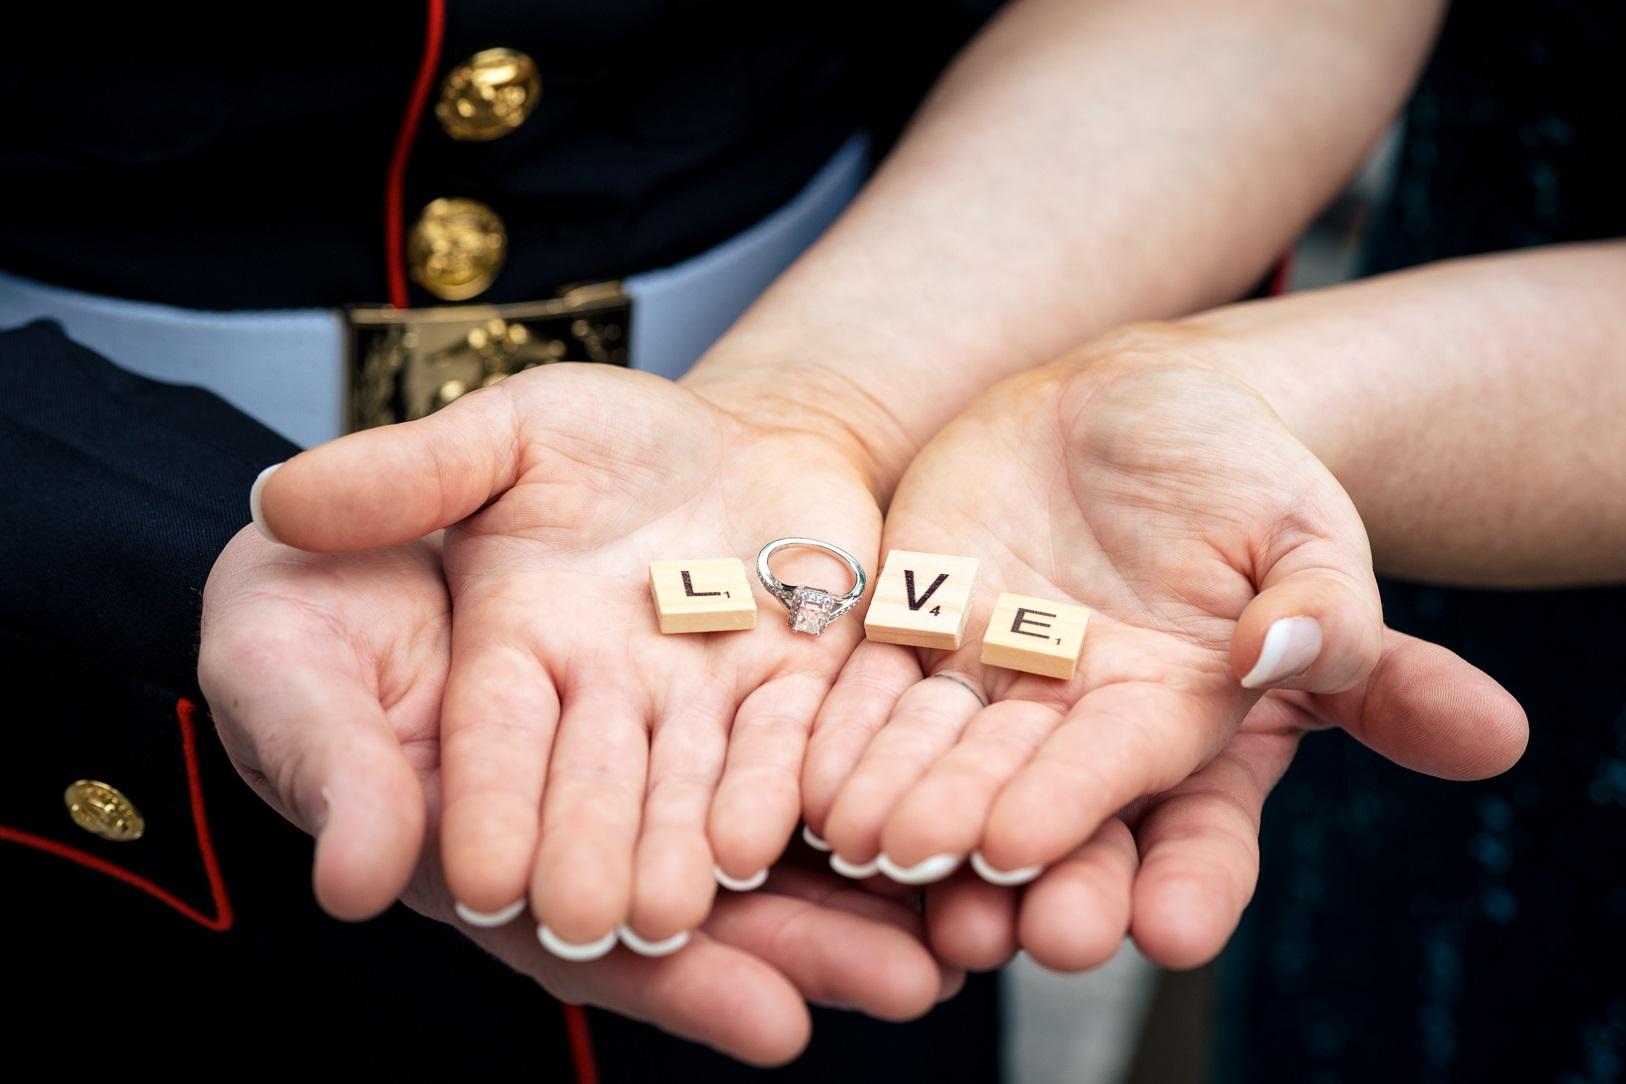 Bruidspaar met Scrabble letters in hun handen